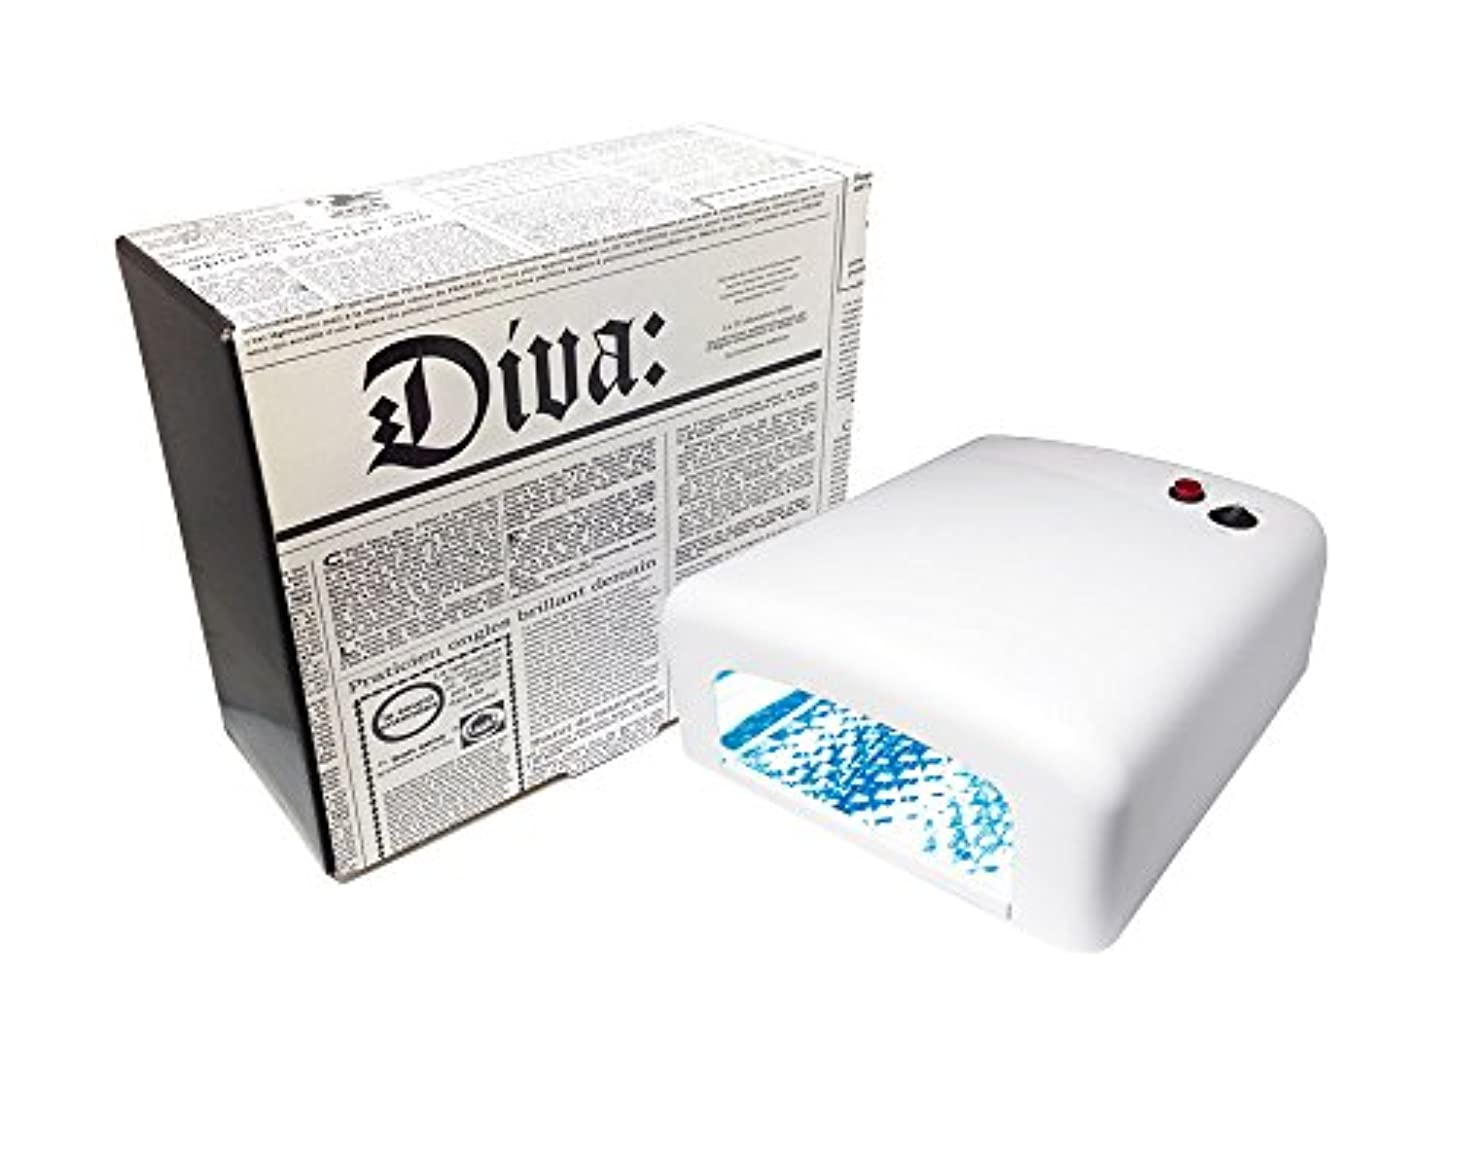 現象うっかり語Diva(ディーヴァ) UVライト36W(UVランプ) 本体 ホワイト